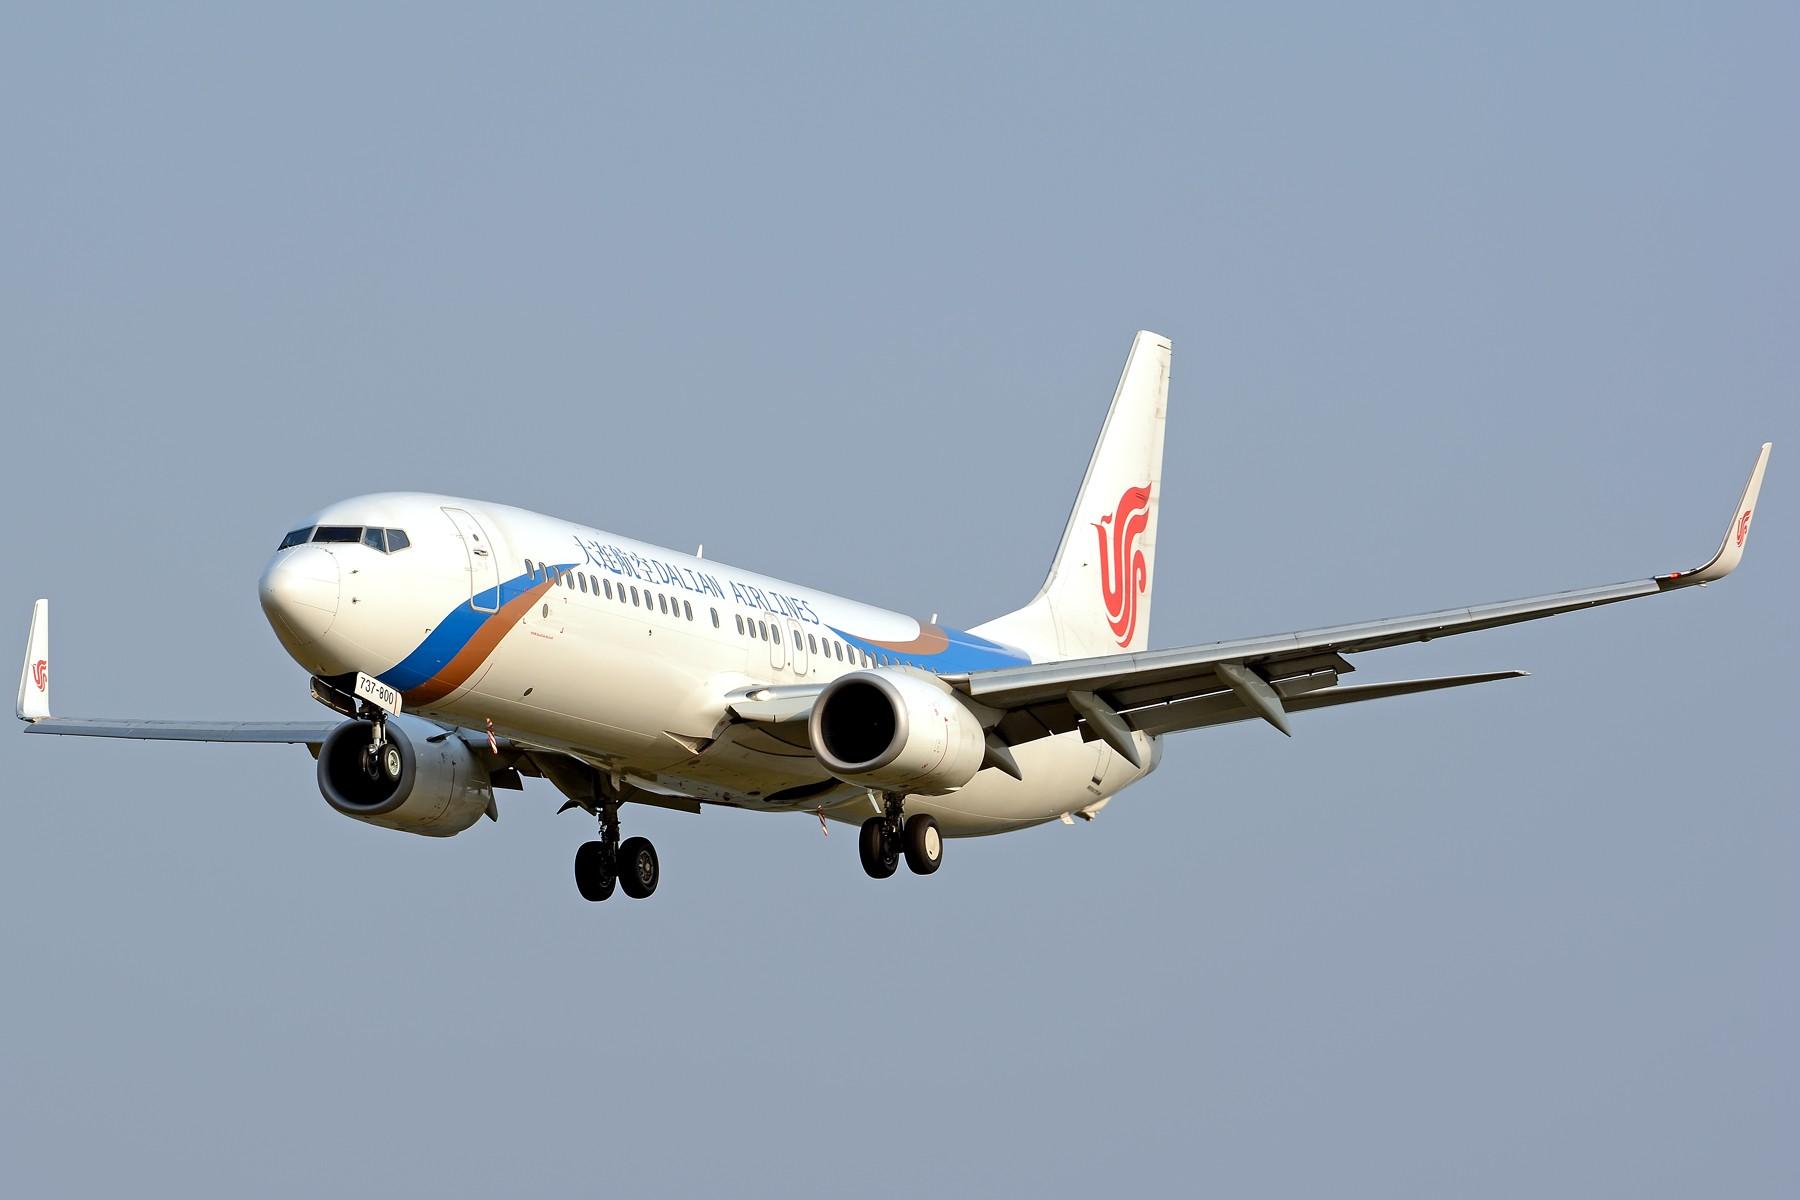 Re:[原创]【多图党】试镜200-500大头比较多 BOEING 737-800 B-5729 中国合肥新桥国际机场